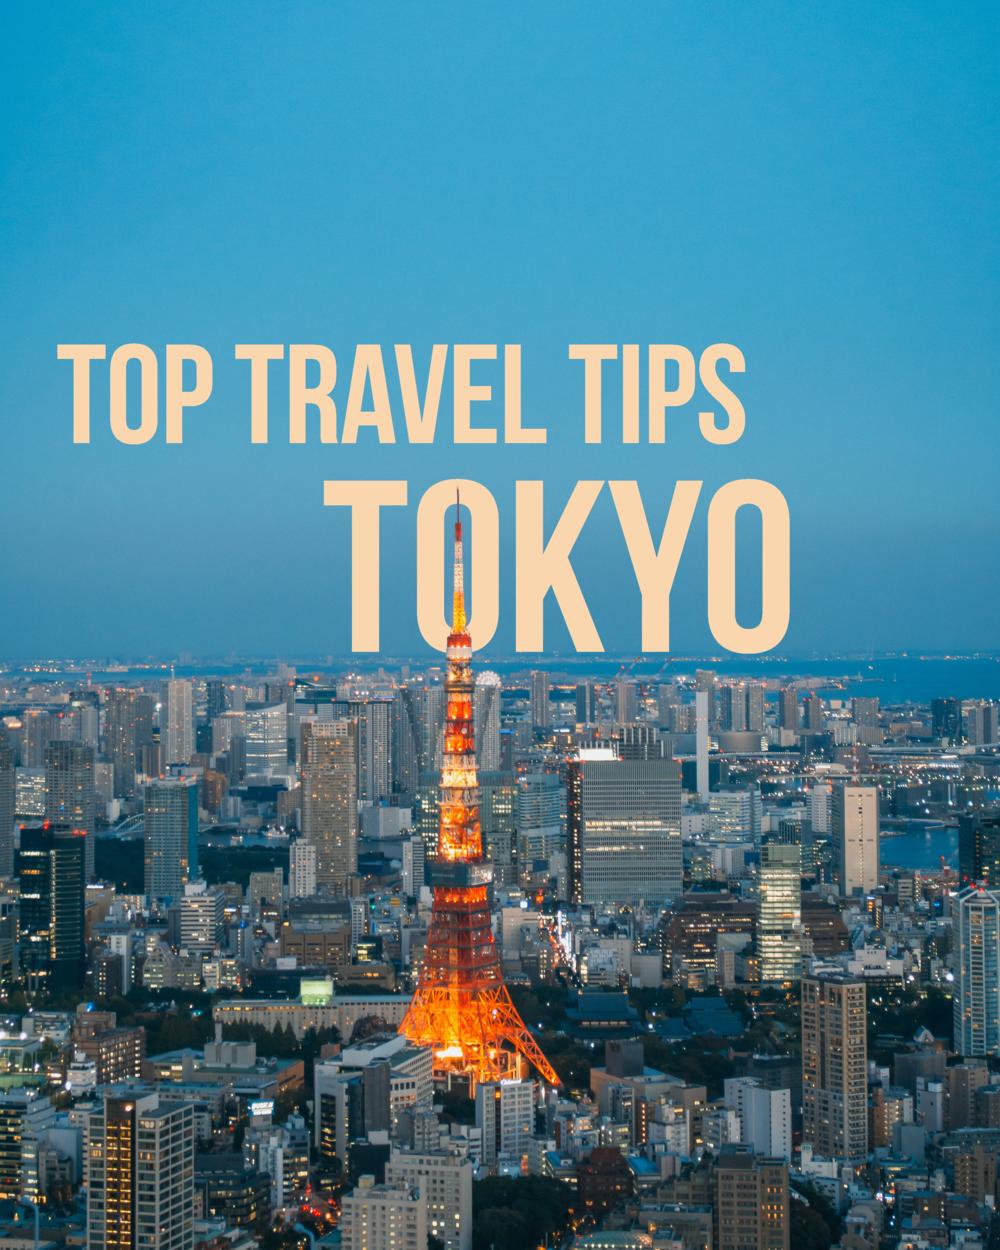 tokyo top travel tips